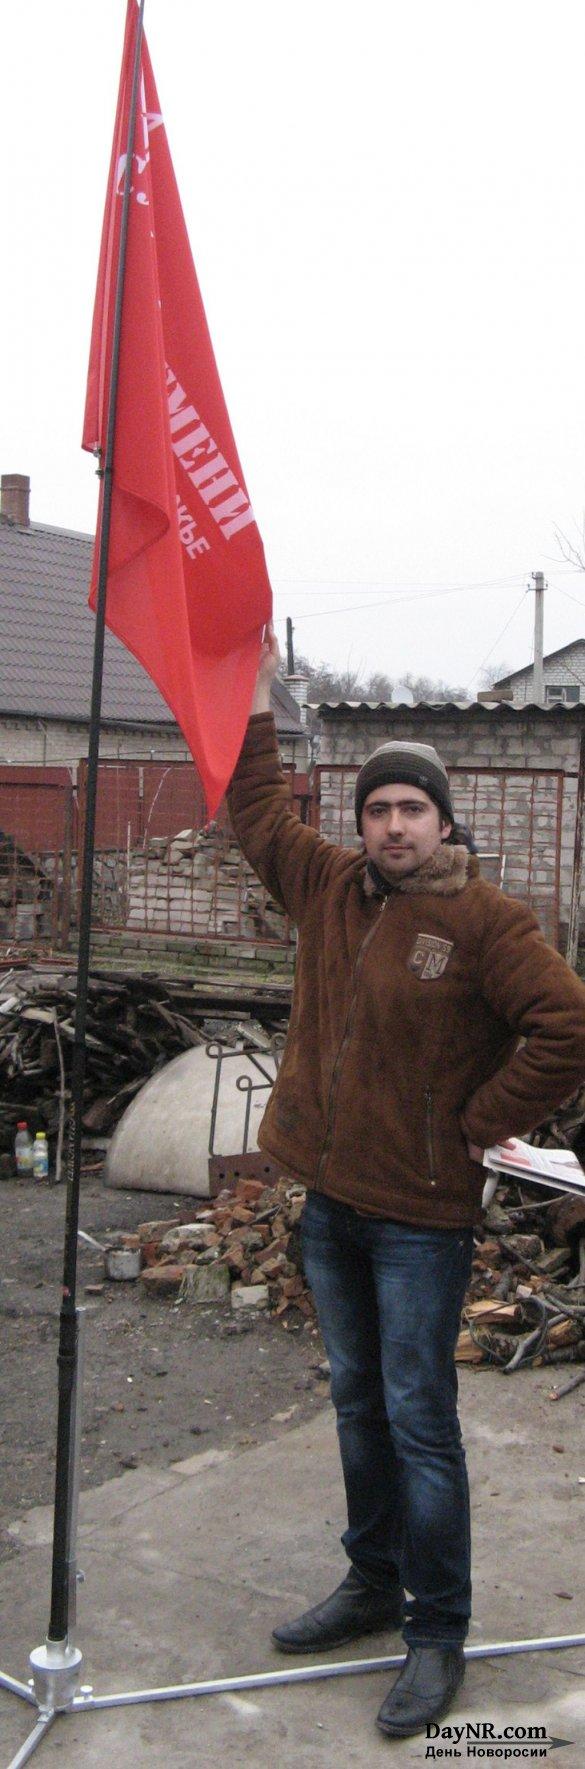 Владимир Рогов. Выборы на Украине будут проходить путем запретов и репрессий